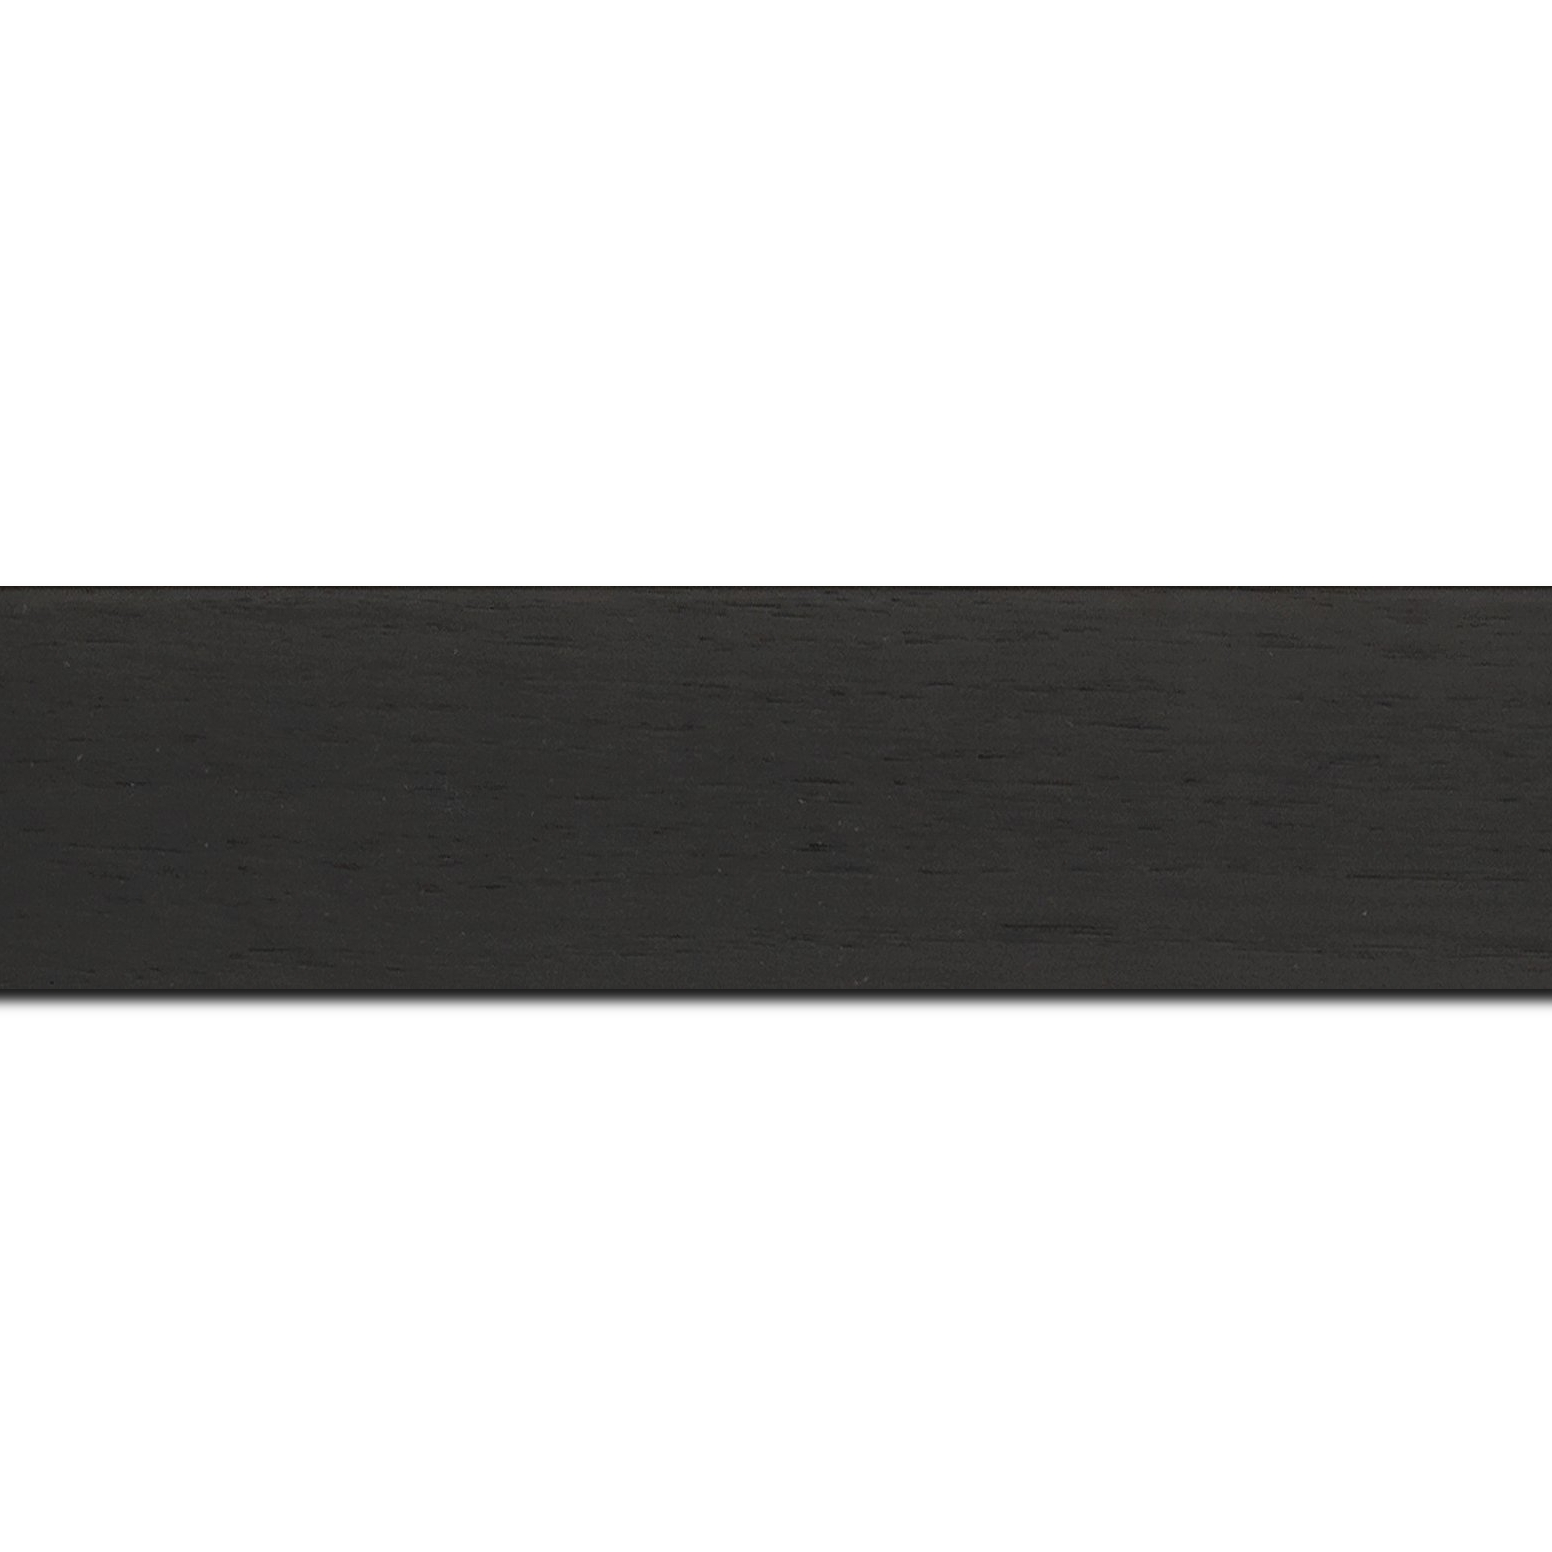 Pack par 12m, bois profil plat largeur 4cm plaquage haut de gamme chêne teinté noir(longueur baguette pouvant varier entre 2.40m et 3m selon arrivage des bois)